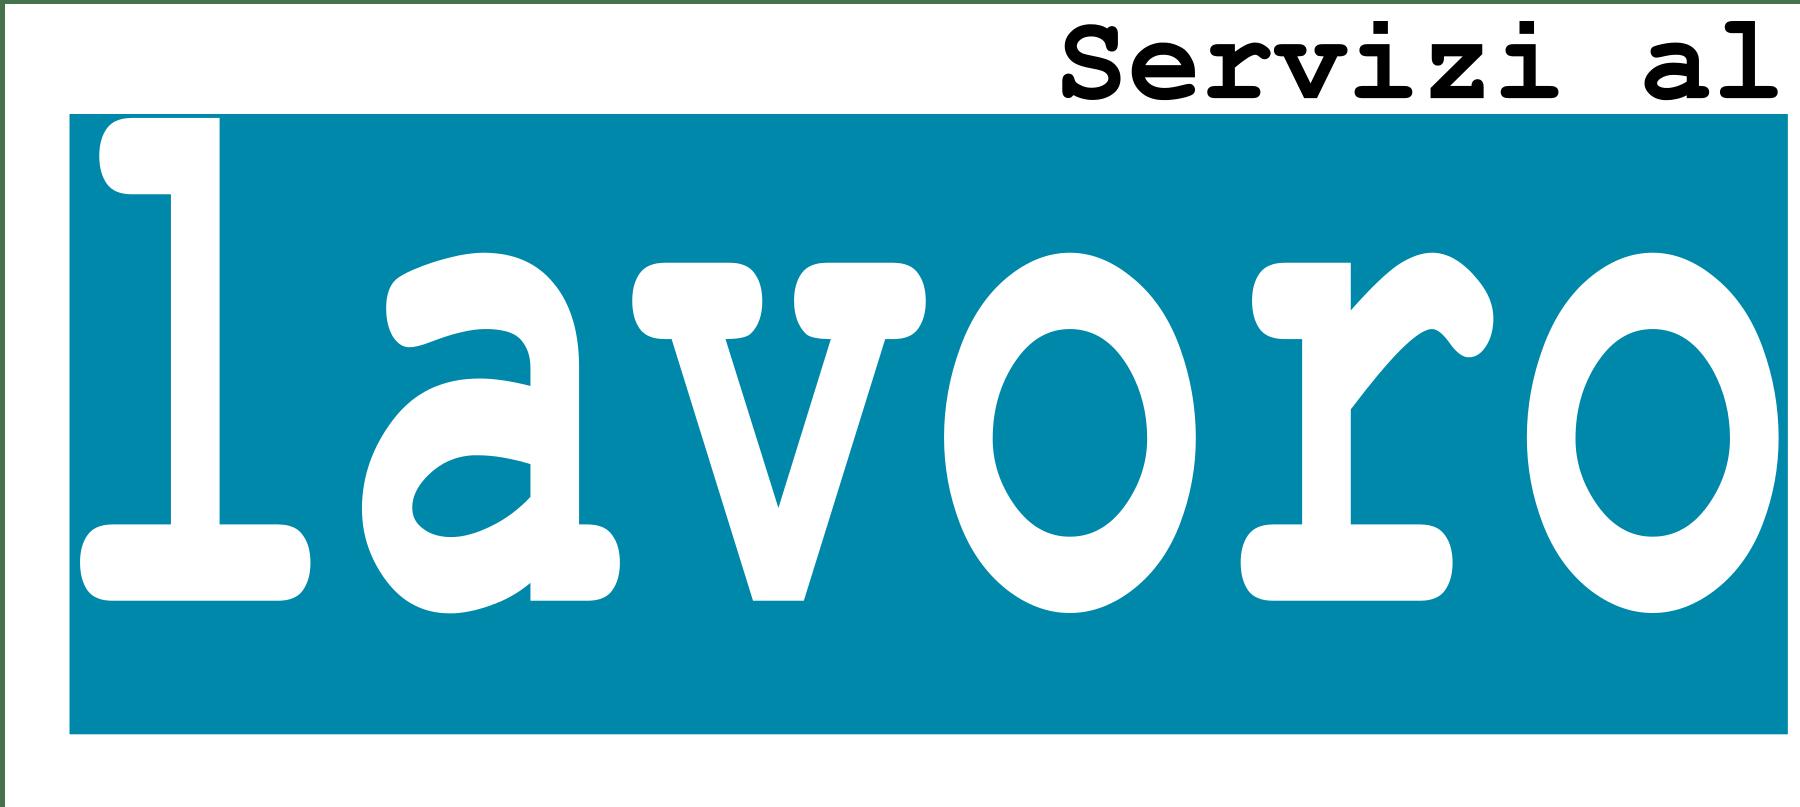 SERVIZI AL LAVORO